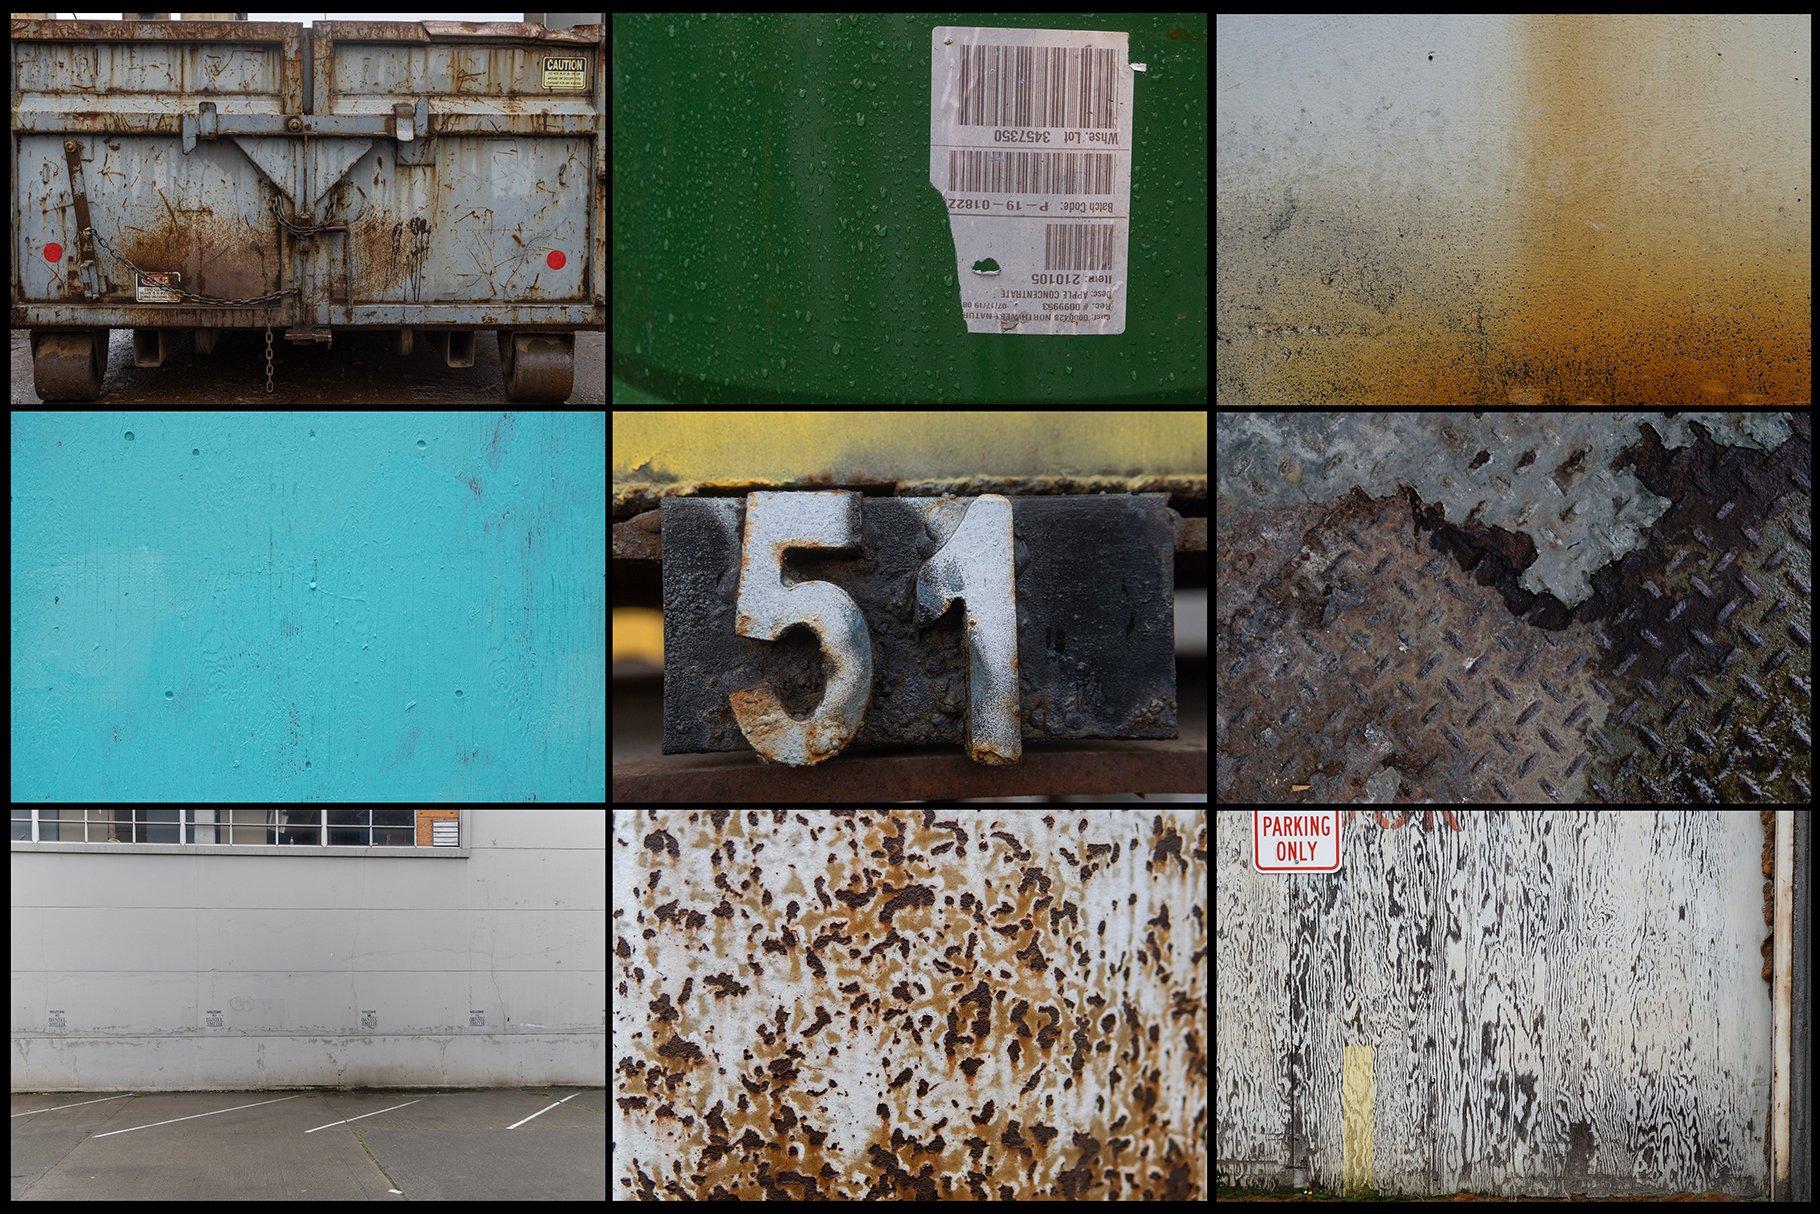 280多款高清锈迹划痕破裂污渍混凝土城市摄影图片背景素材 280 Urban Textures插图(1)